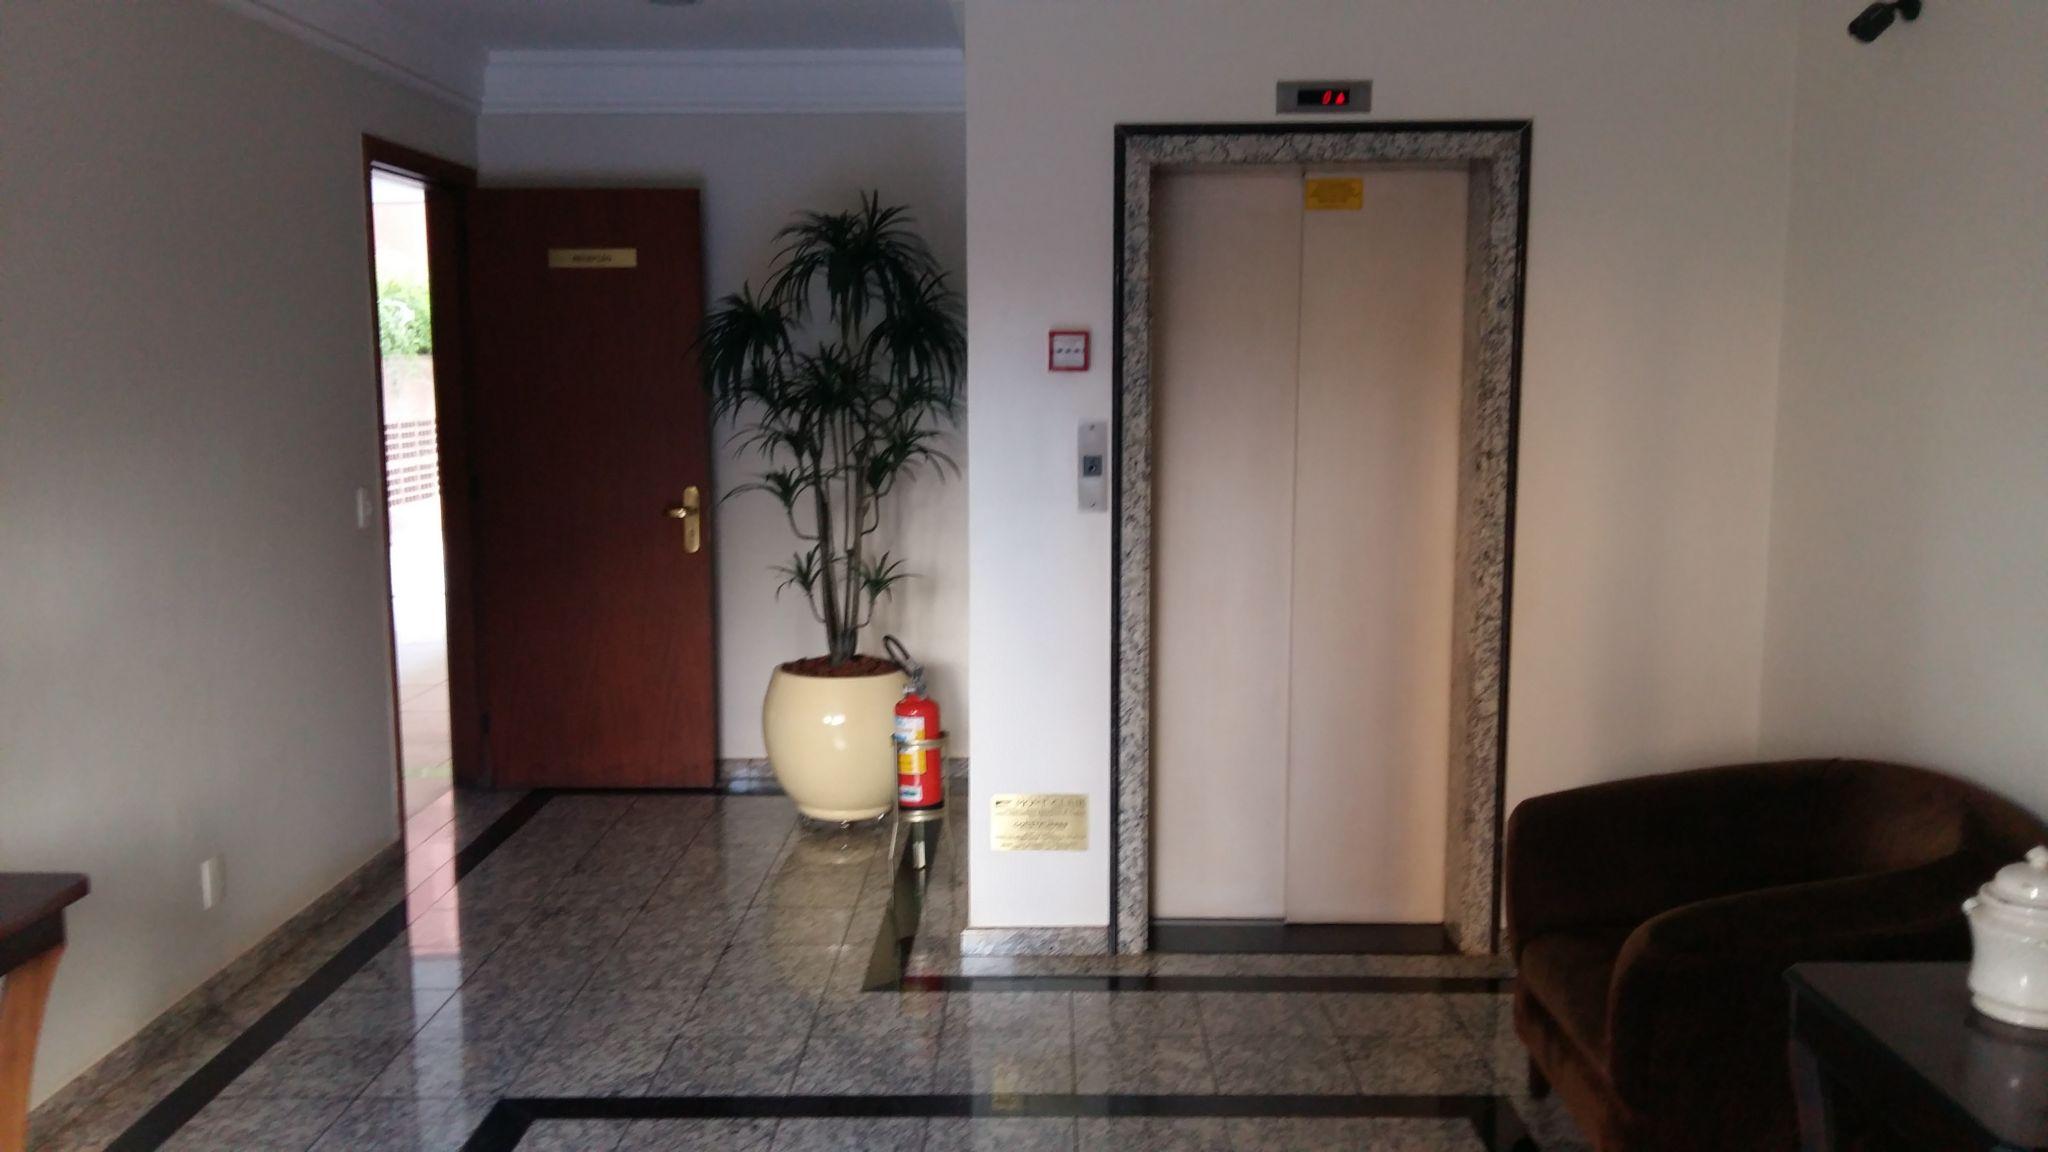 107 - Apto Centro Shopping Santa Úrsula R$ 620.000,00 - 107 A R$ 620.000,00